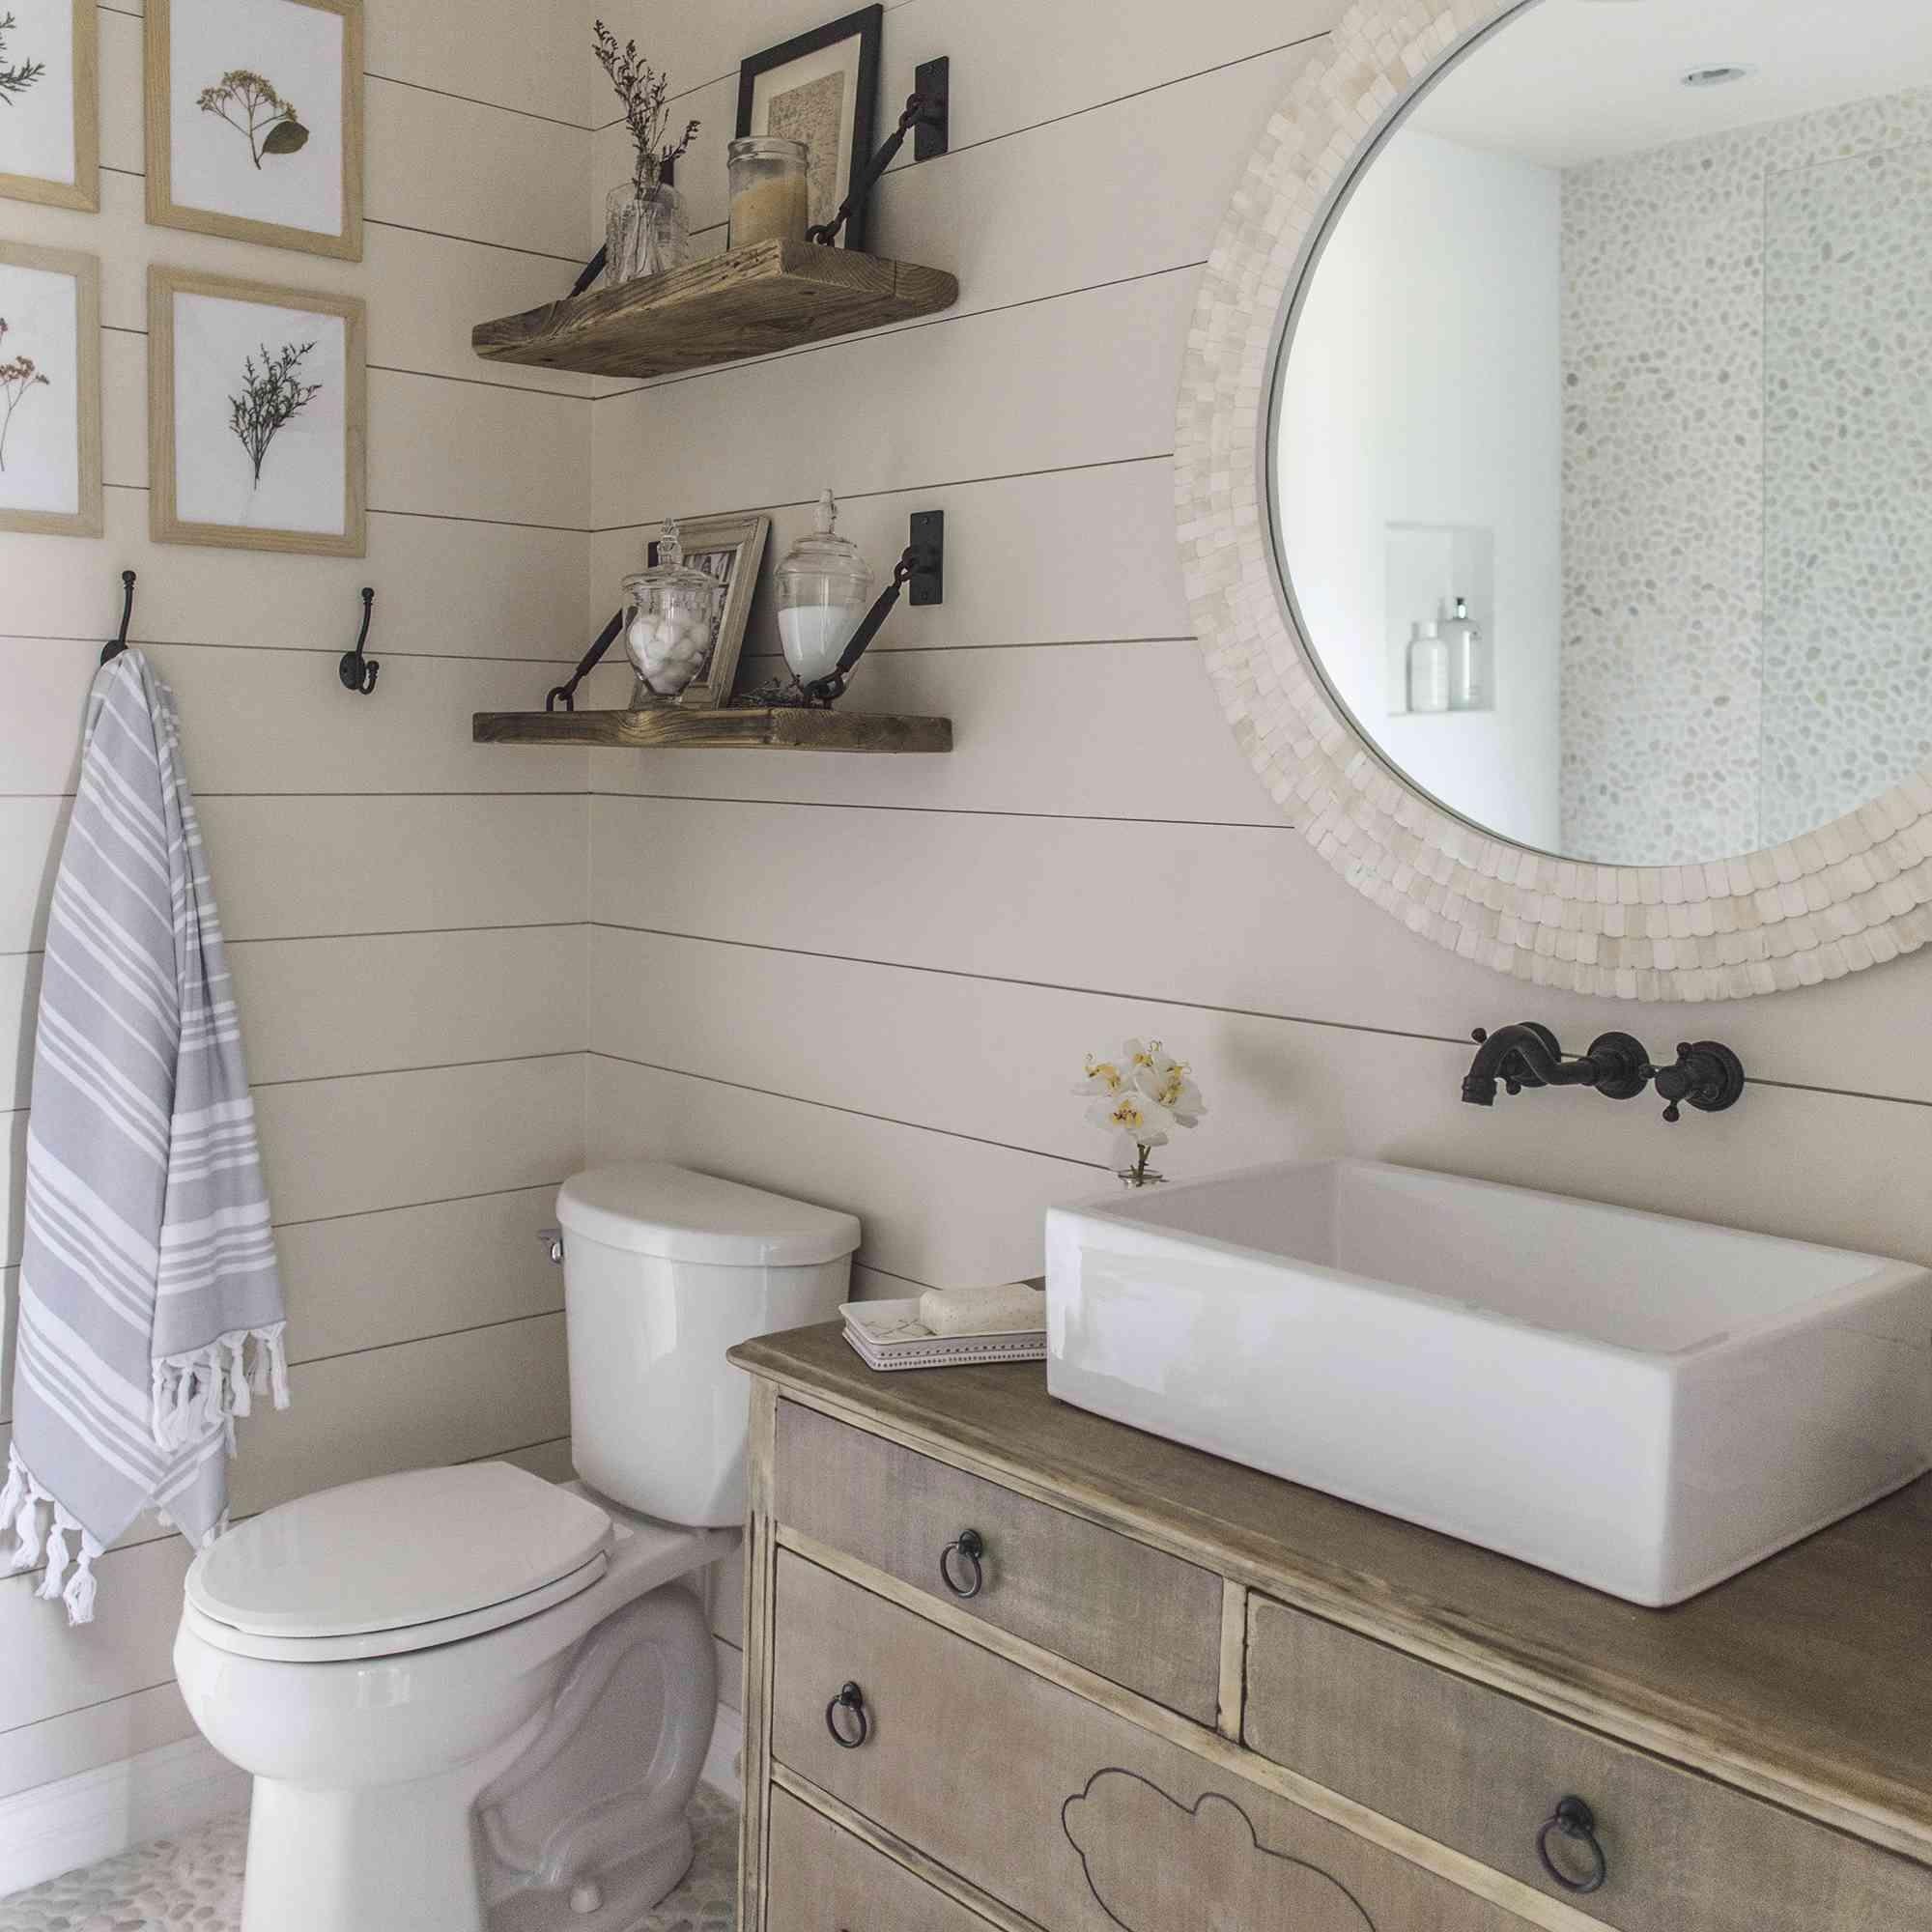 Rustic Chic Modern Farmhouse Bathrooms